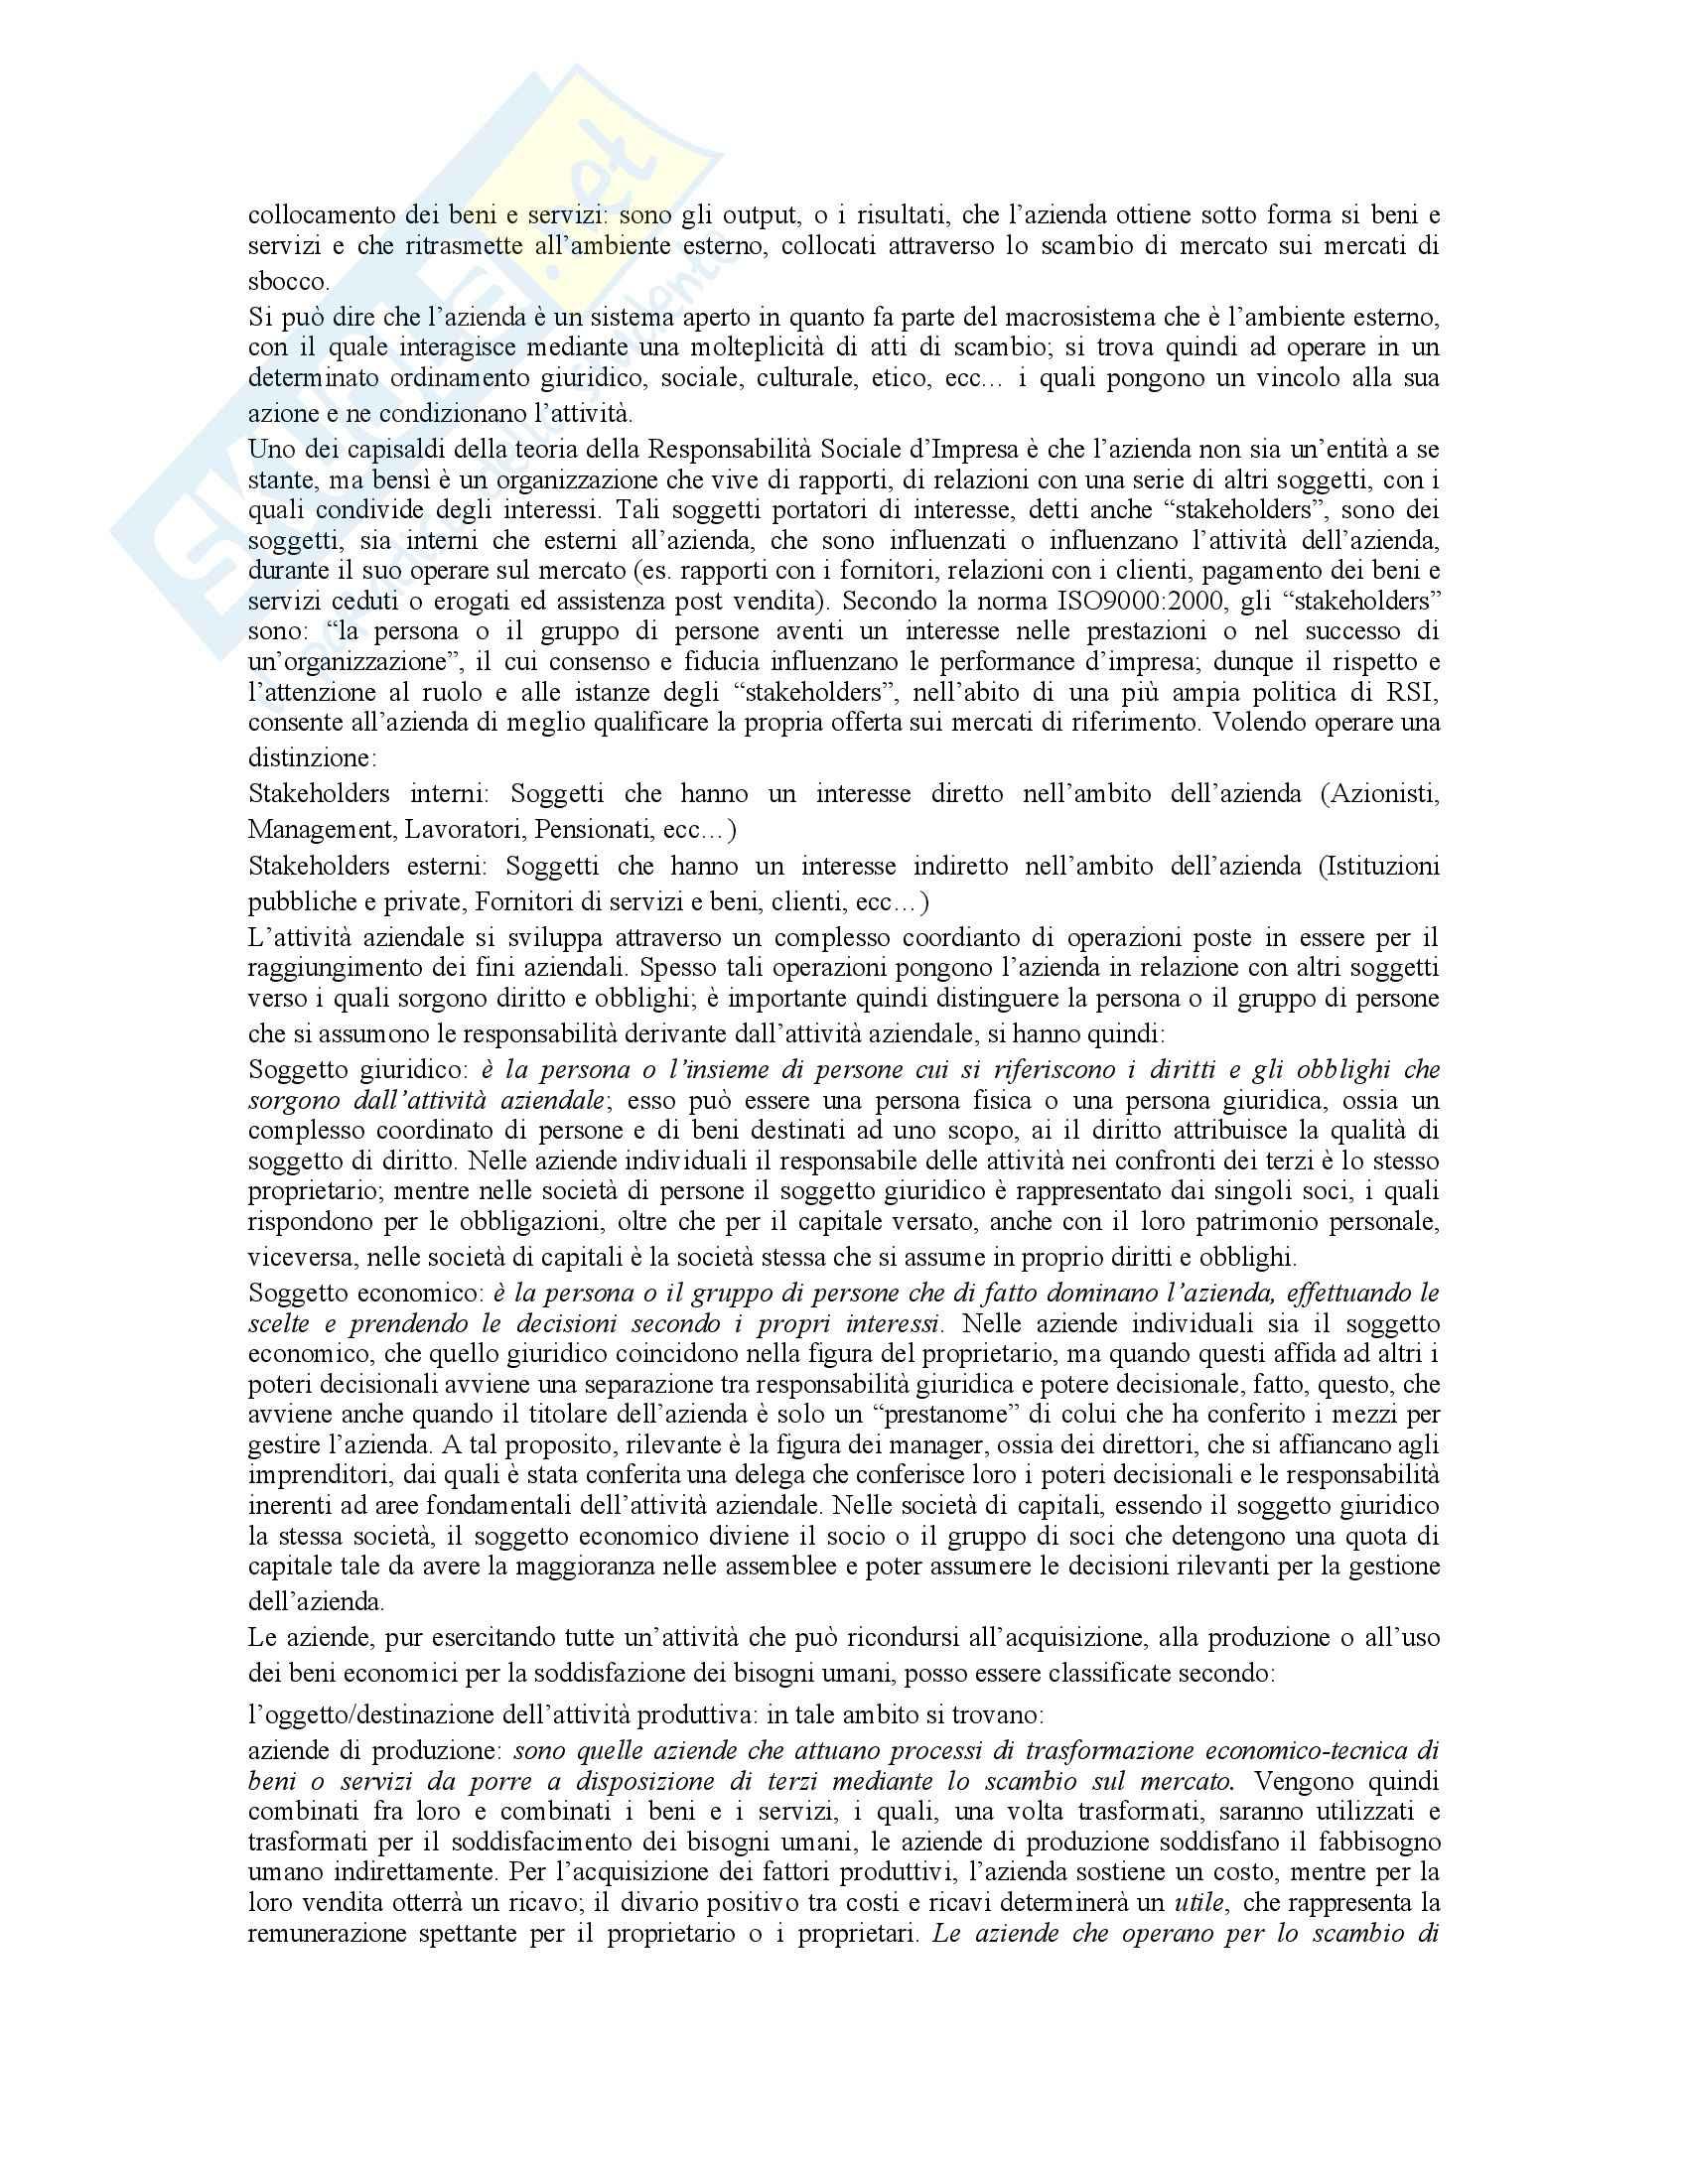 Economia aziendale - Dispensa Pag. 2